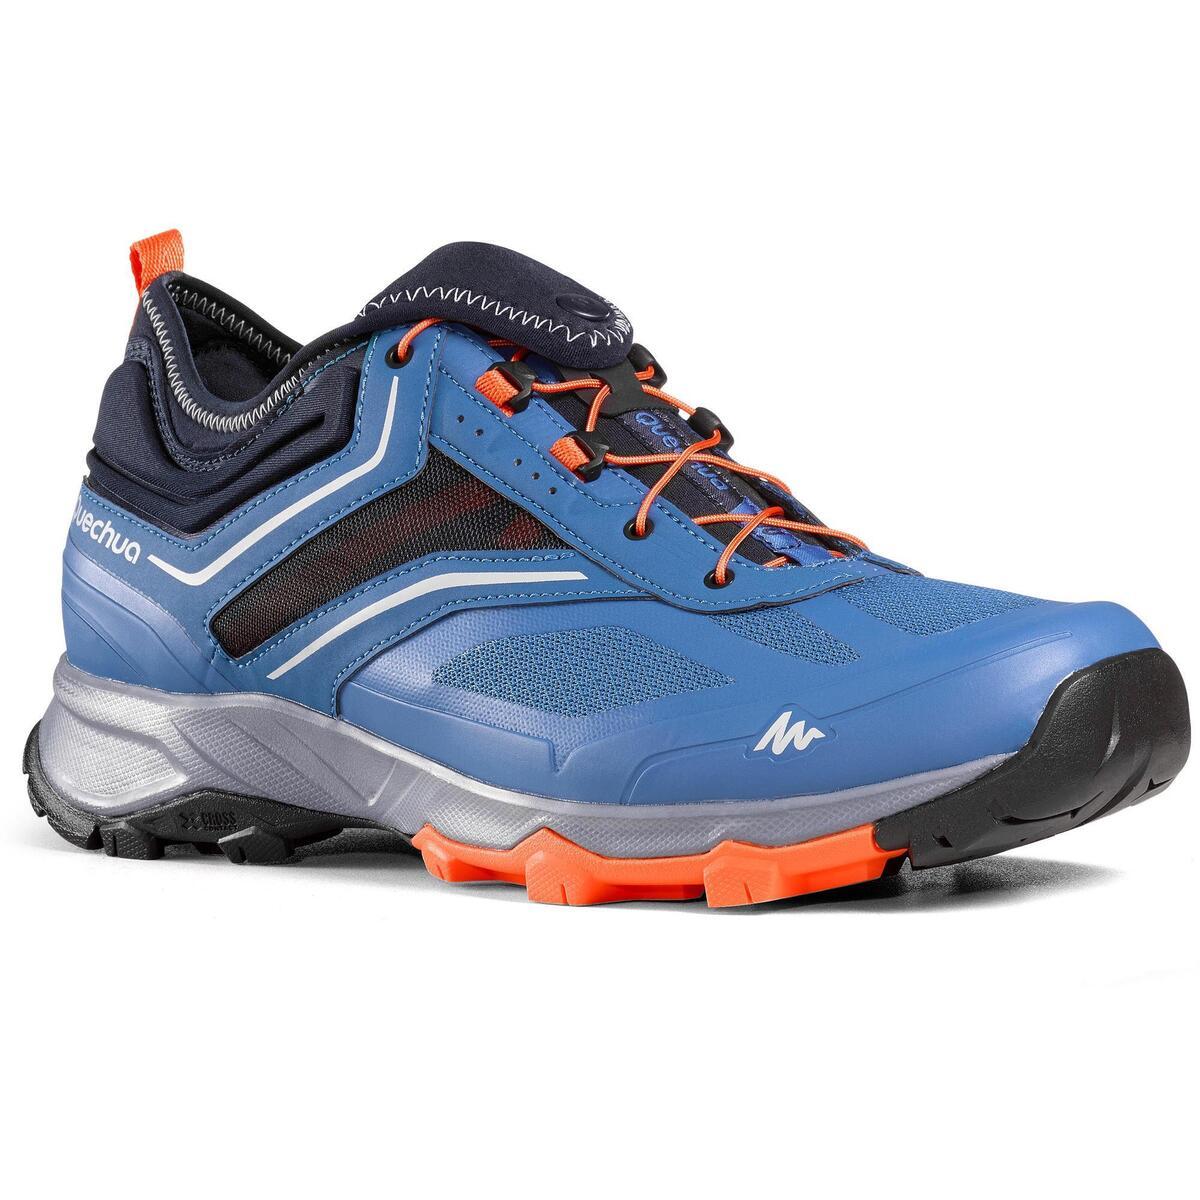 Bild 1 von Wanderschuhe Speed Hiking FH500 Helium Herren blau/orange